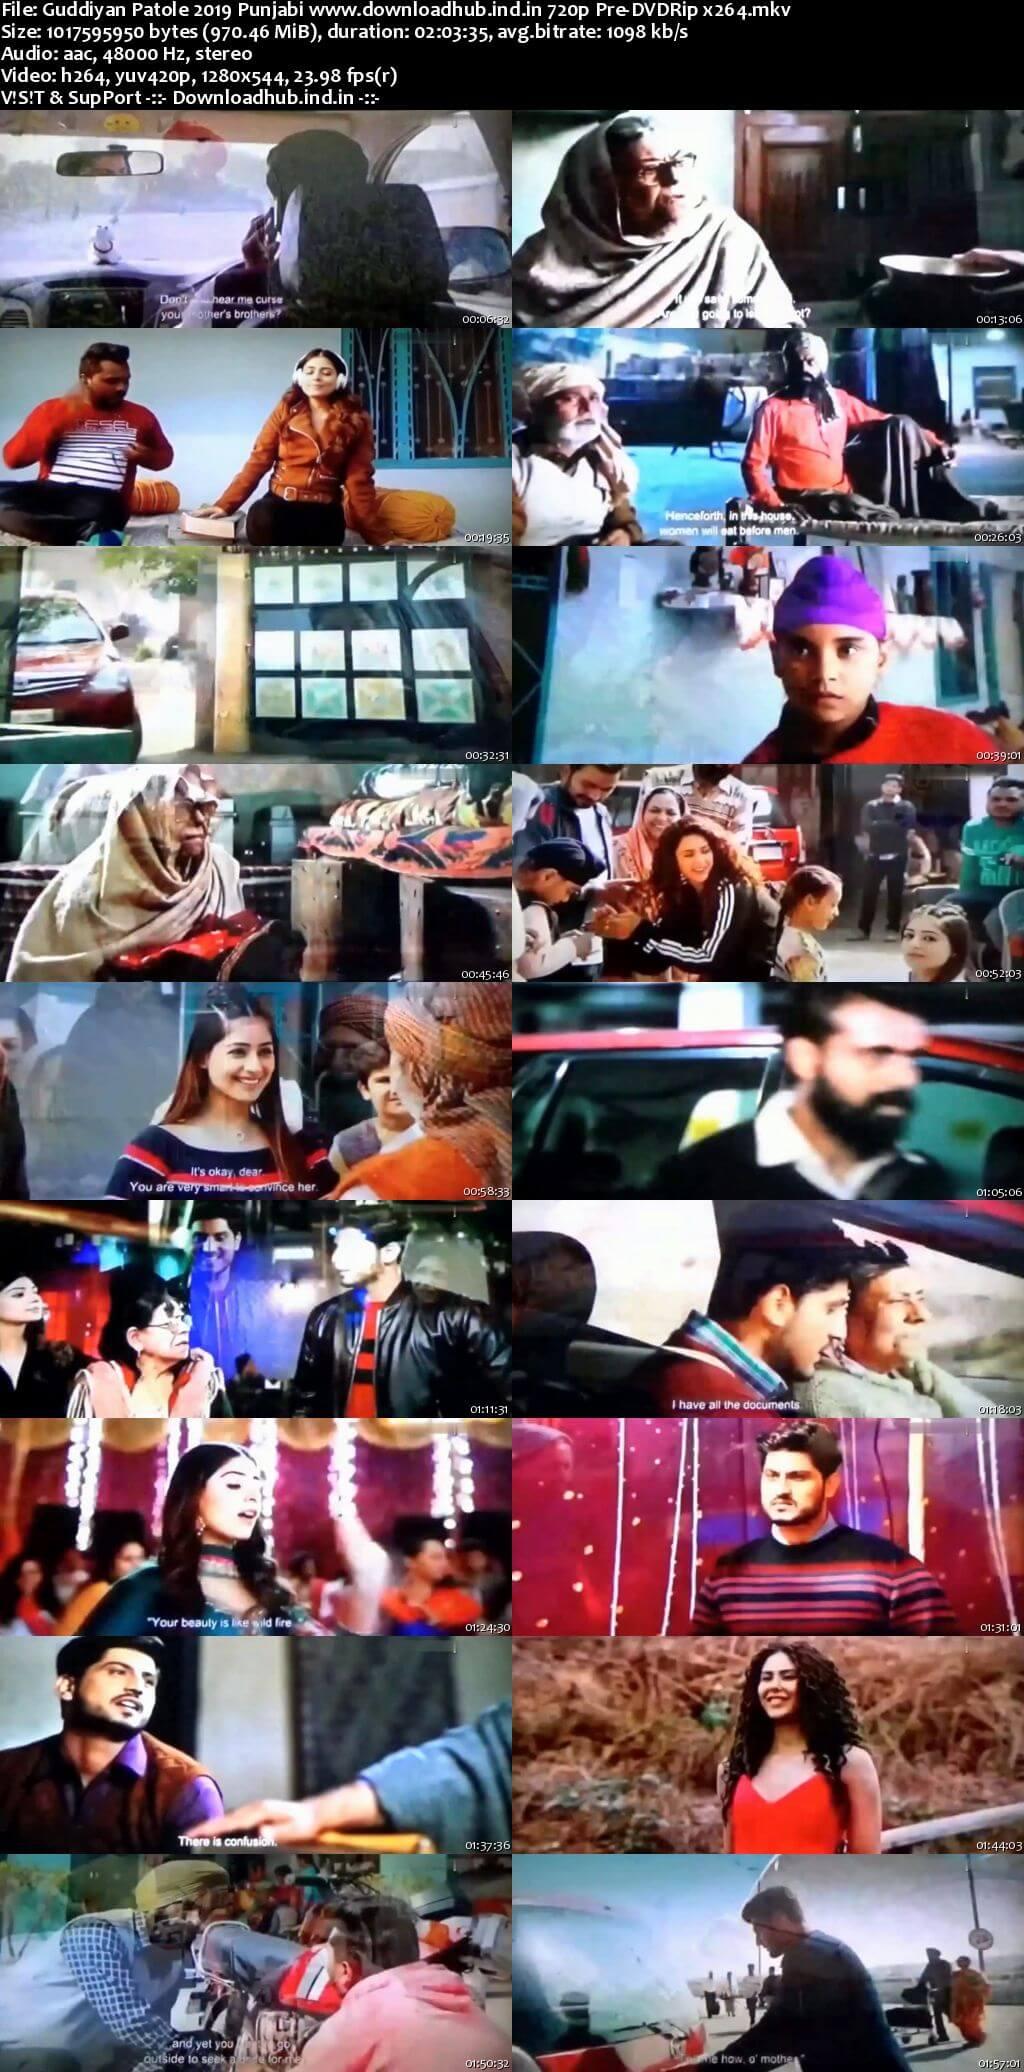 Guddiyan Patole Screen Shot 1